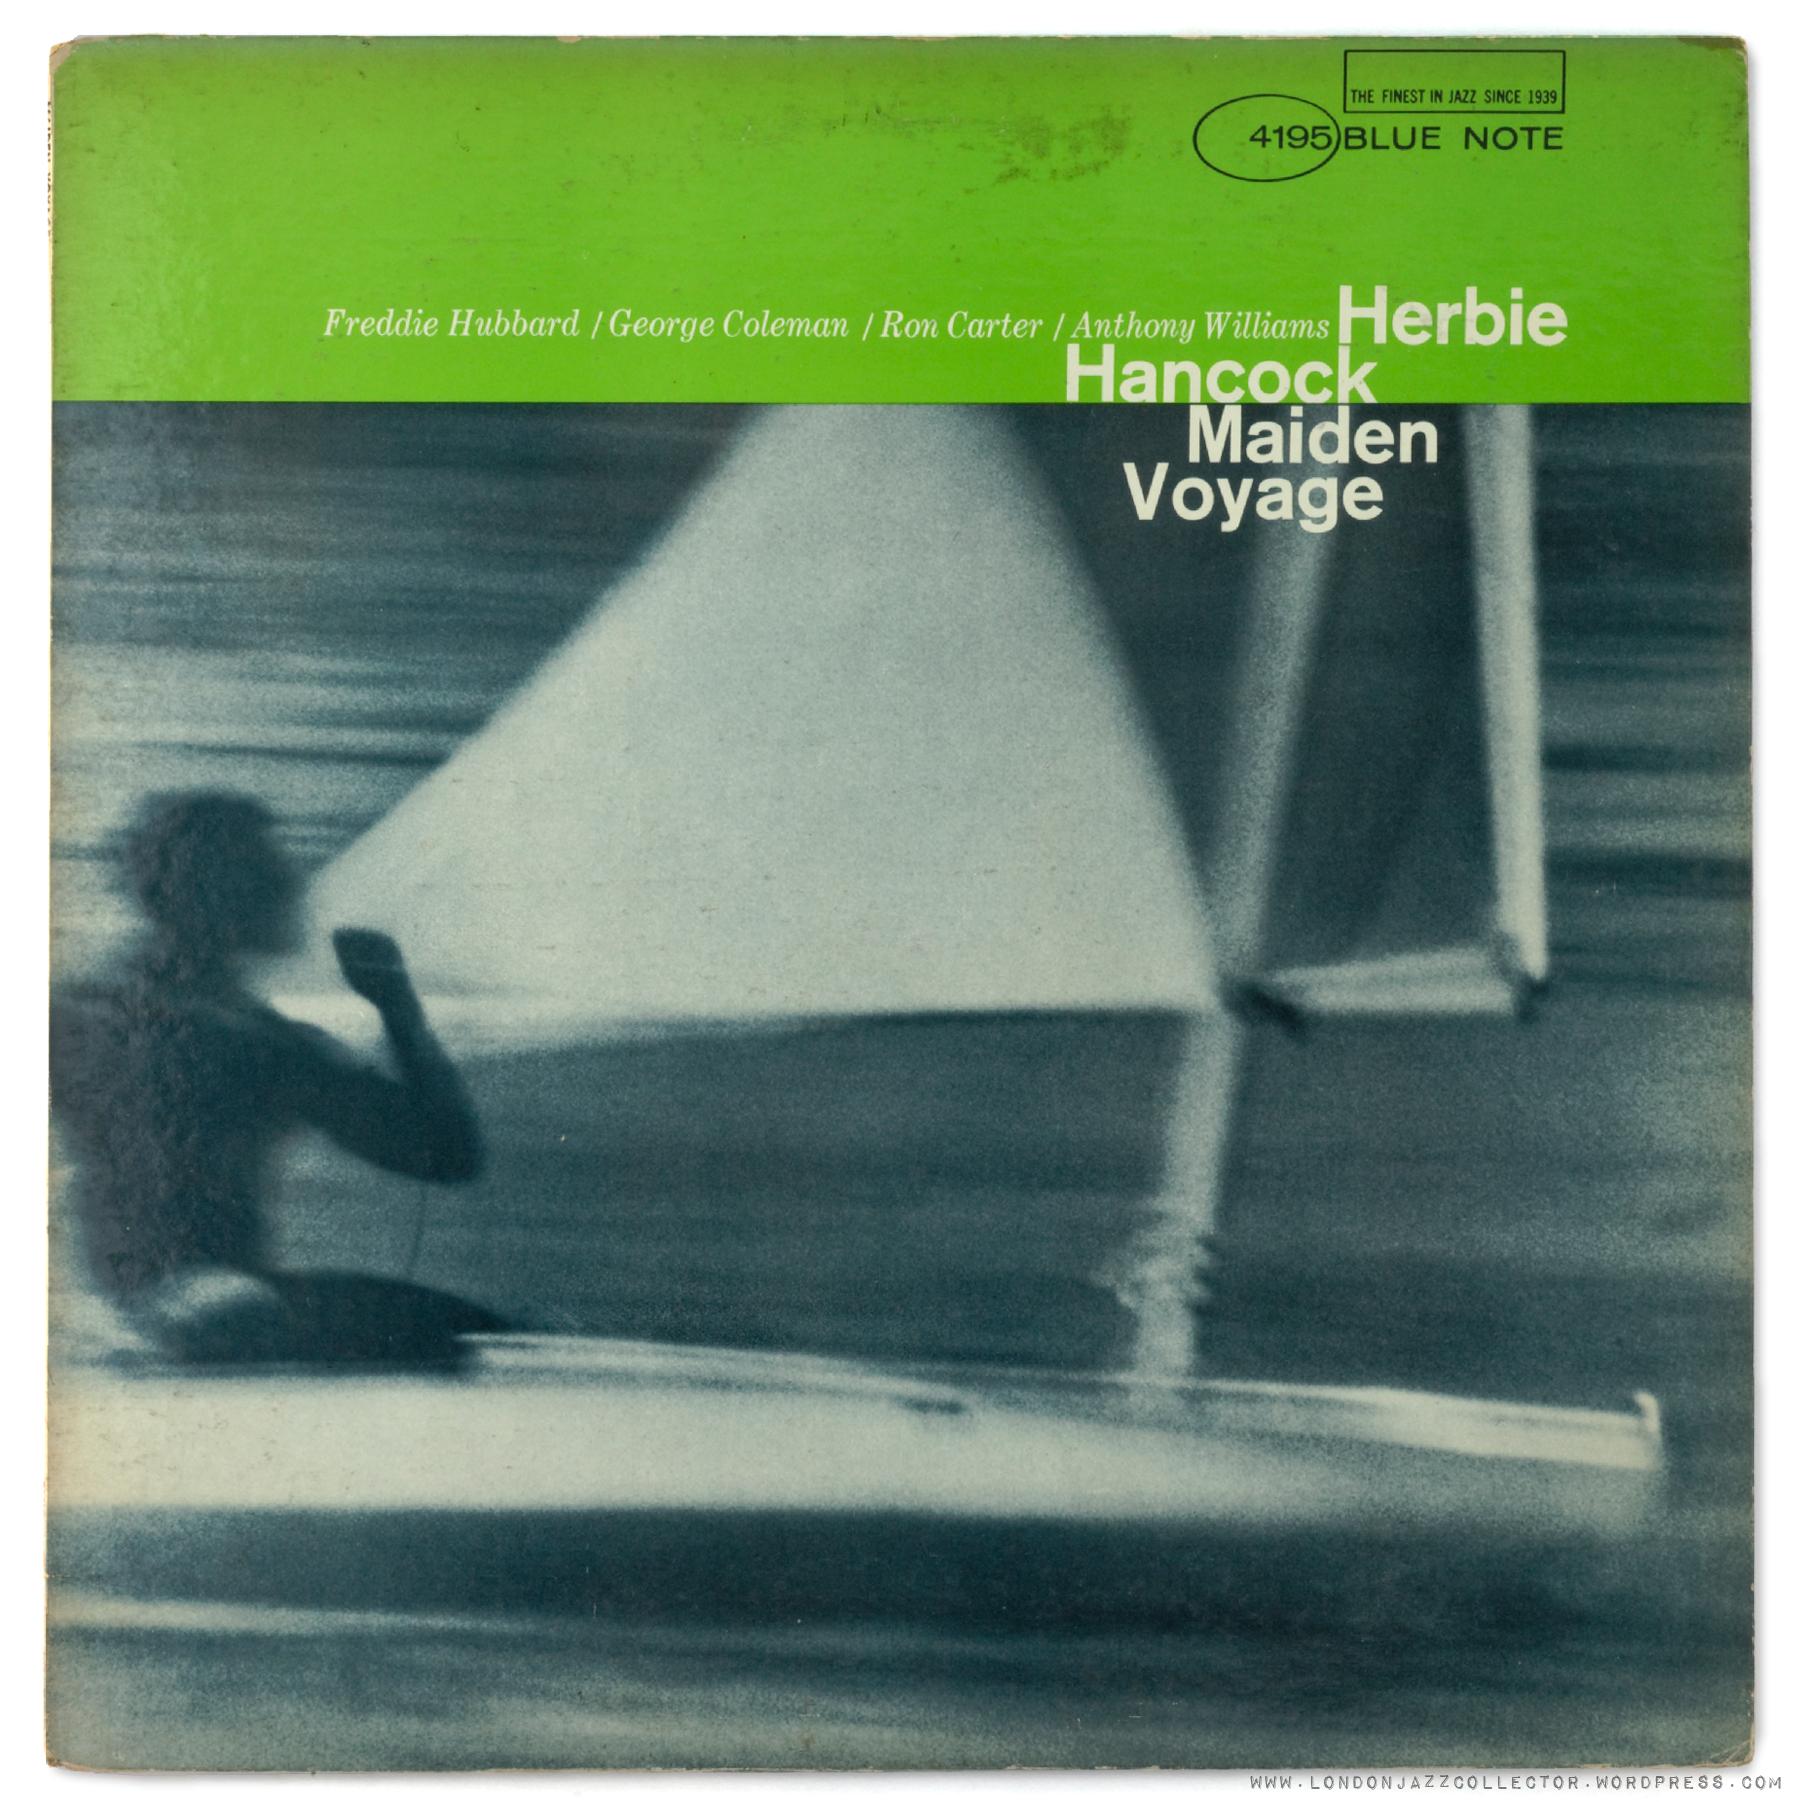 Herbie Hancock Maiden Voyage 1965 Blue Note